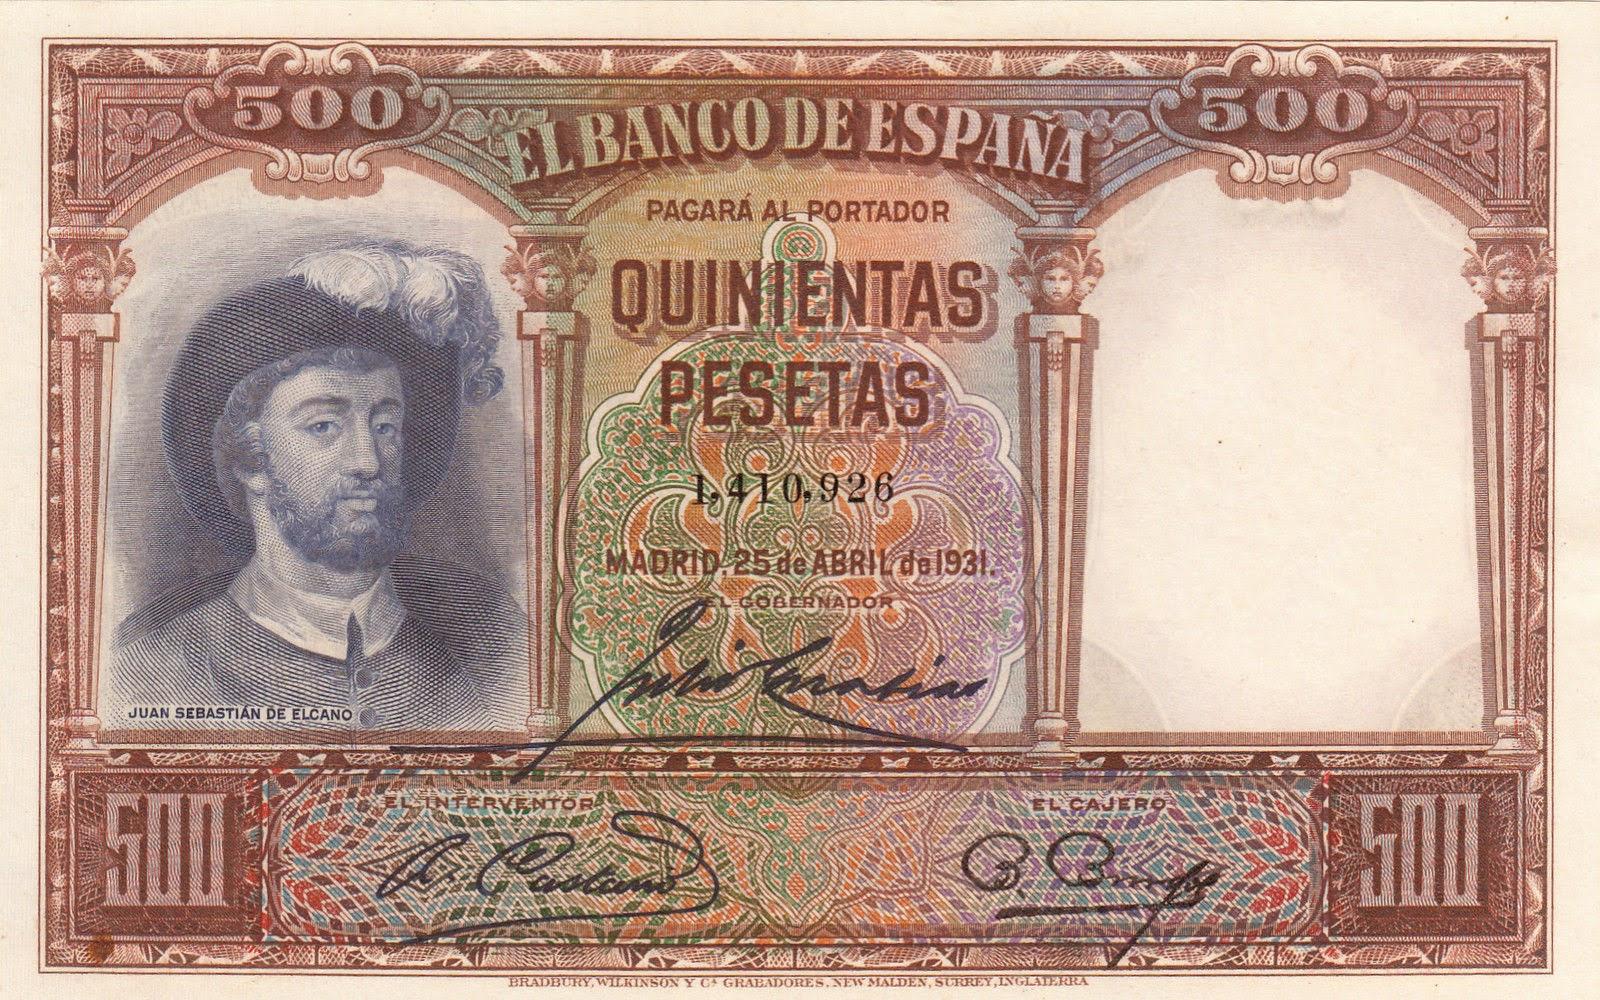 Spain Banknotes 500 Pesetas banknote 1931 navigator Juan Sebastian de Elcano